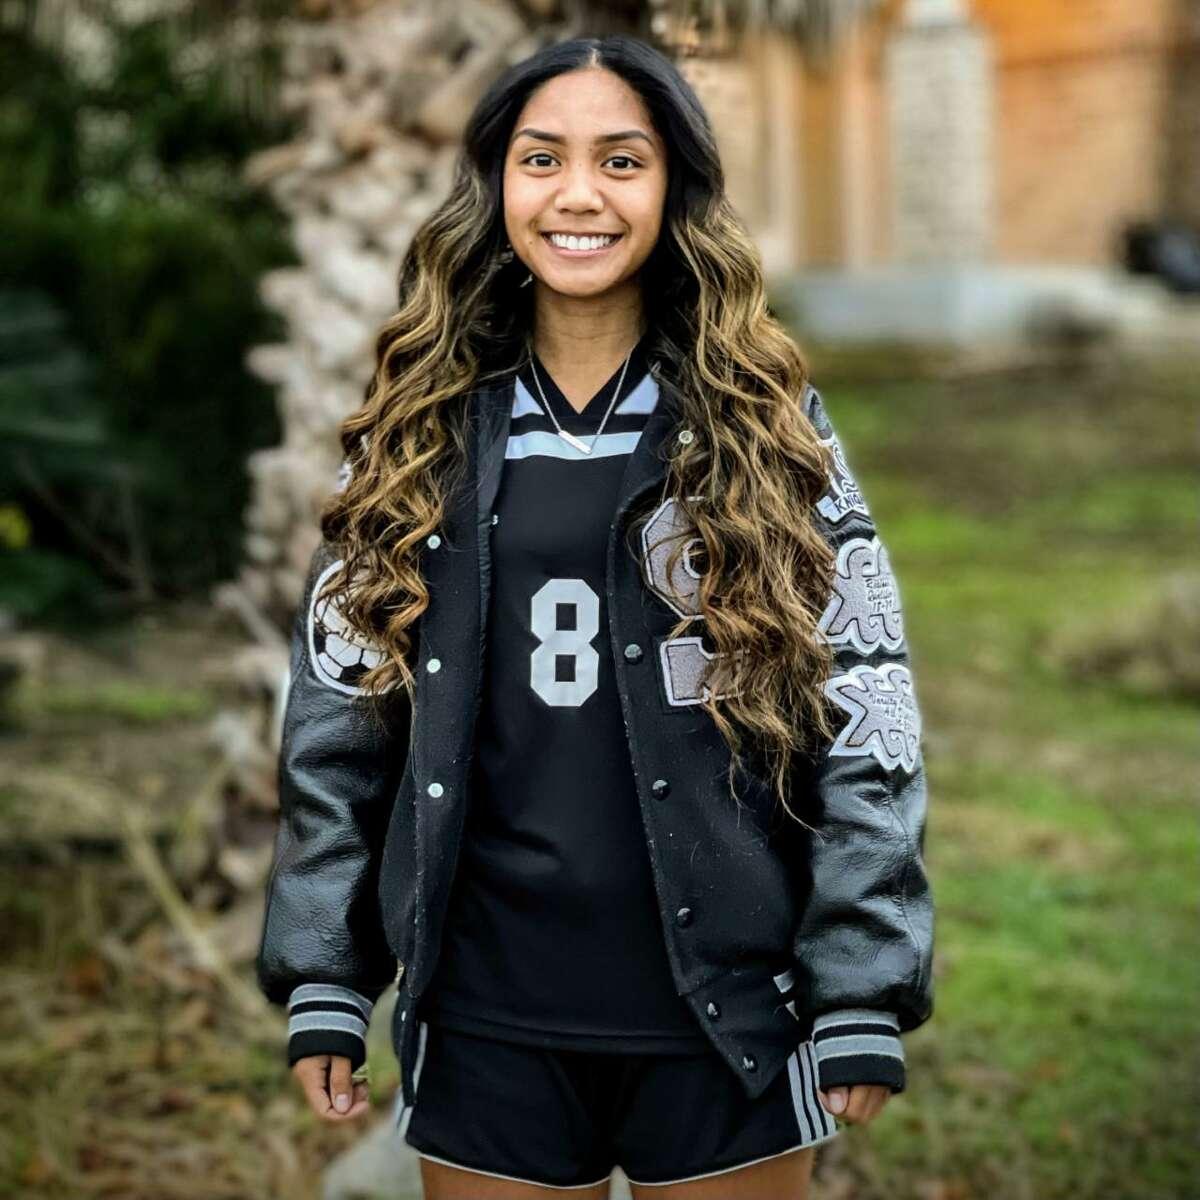 Kalea Ajel is a junior midfielder/forward for Steele girls soccer.